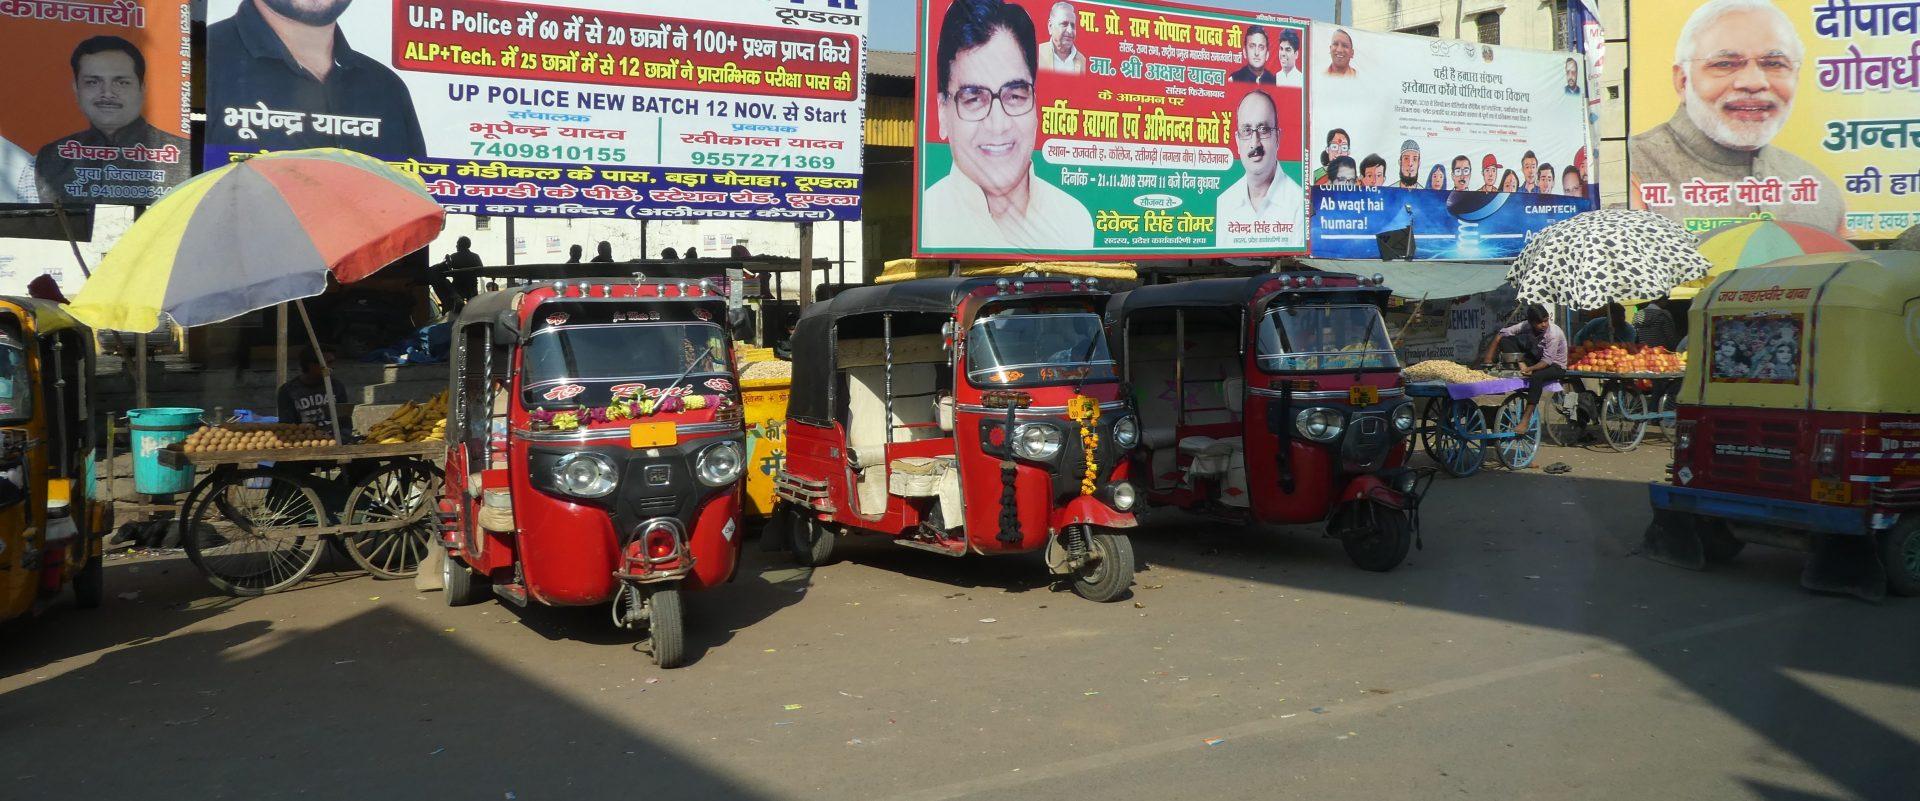 Tuktuks in India.